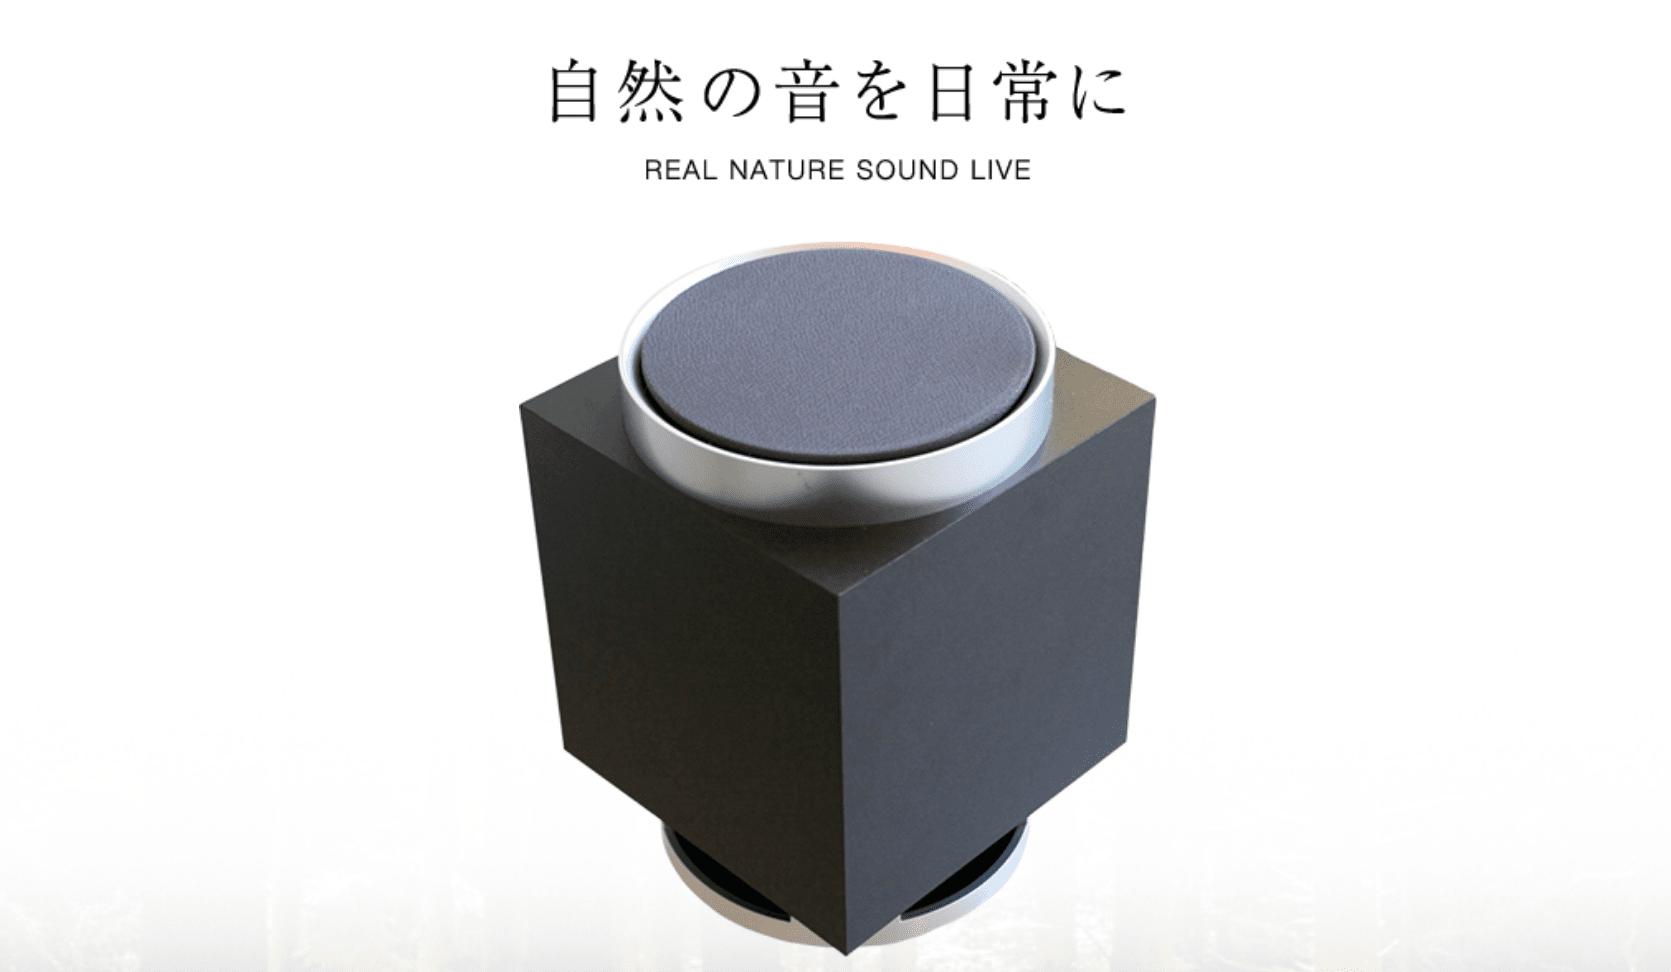 R-LIVE(アールライブ)の評判・口コミを導入事例をもとに紹介!